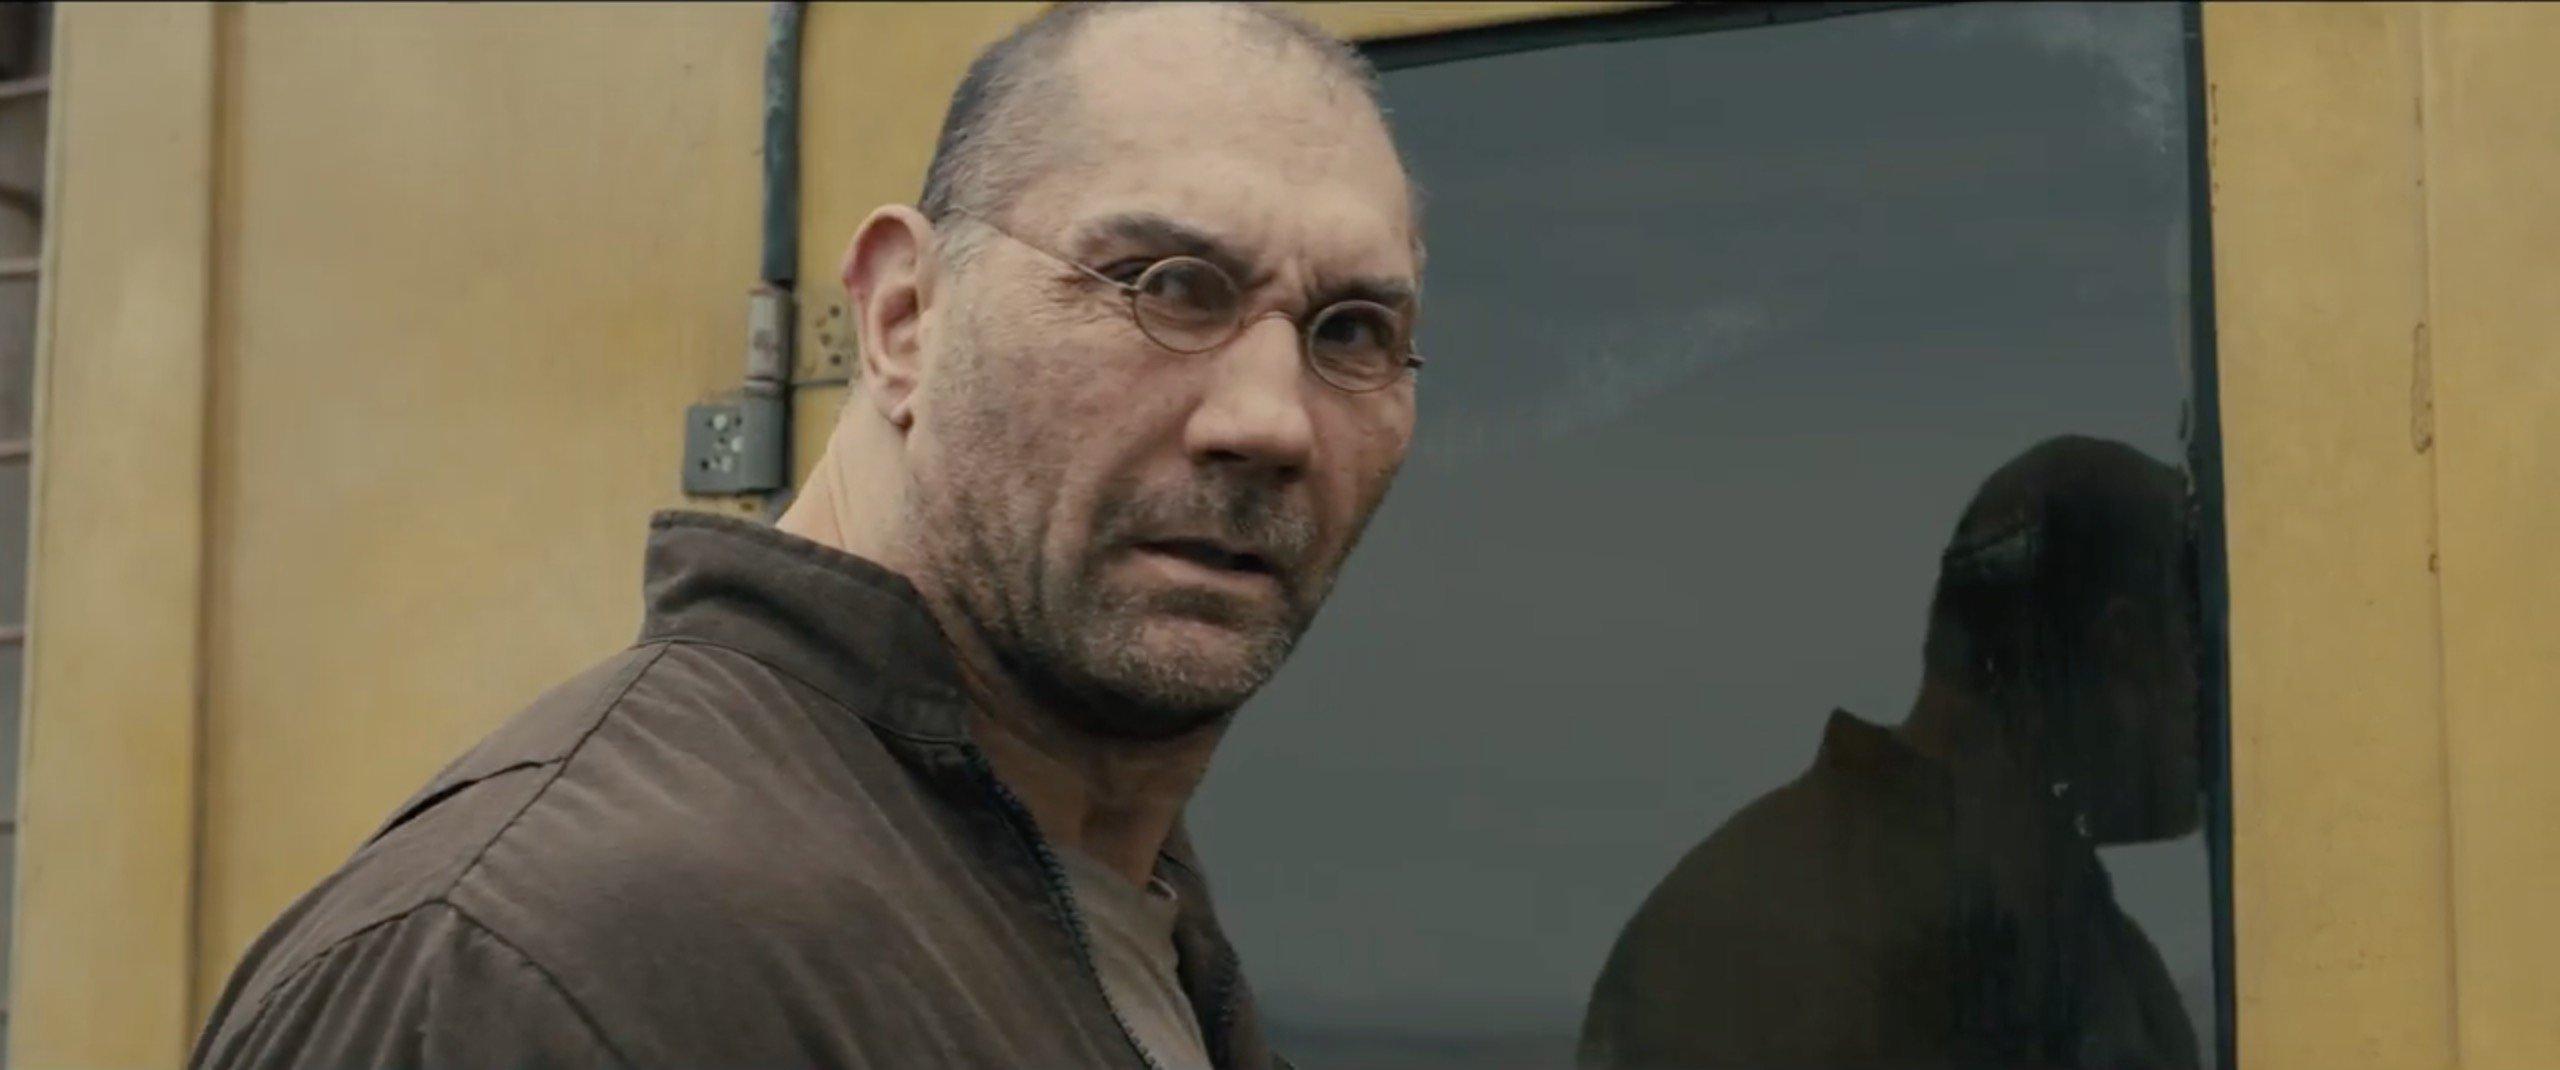 Blade-Runner-2049-trailer-breakdown-34